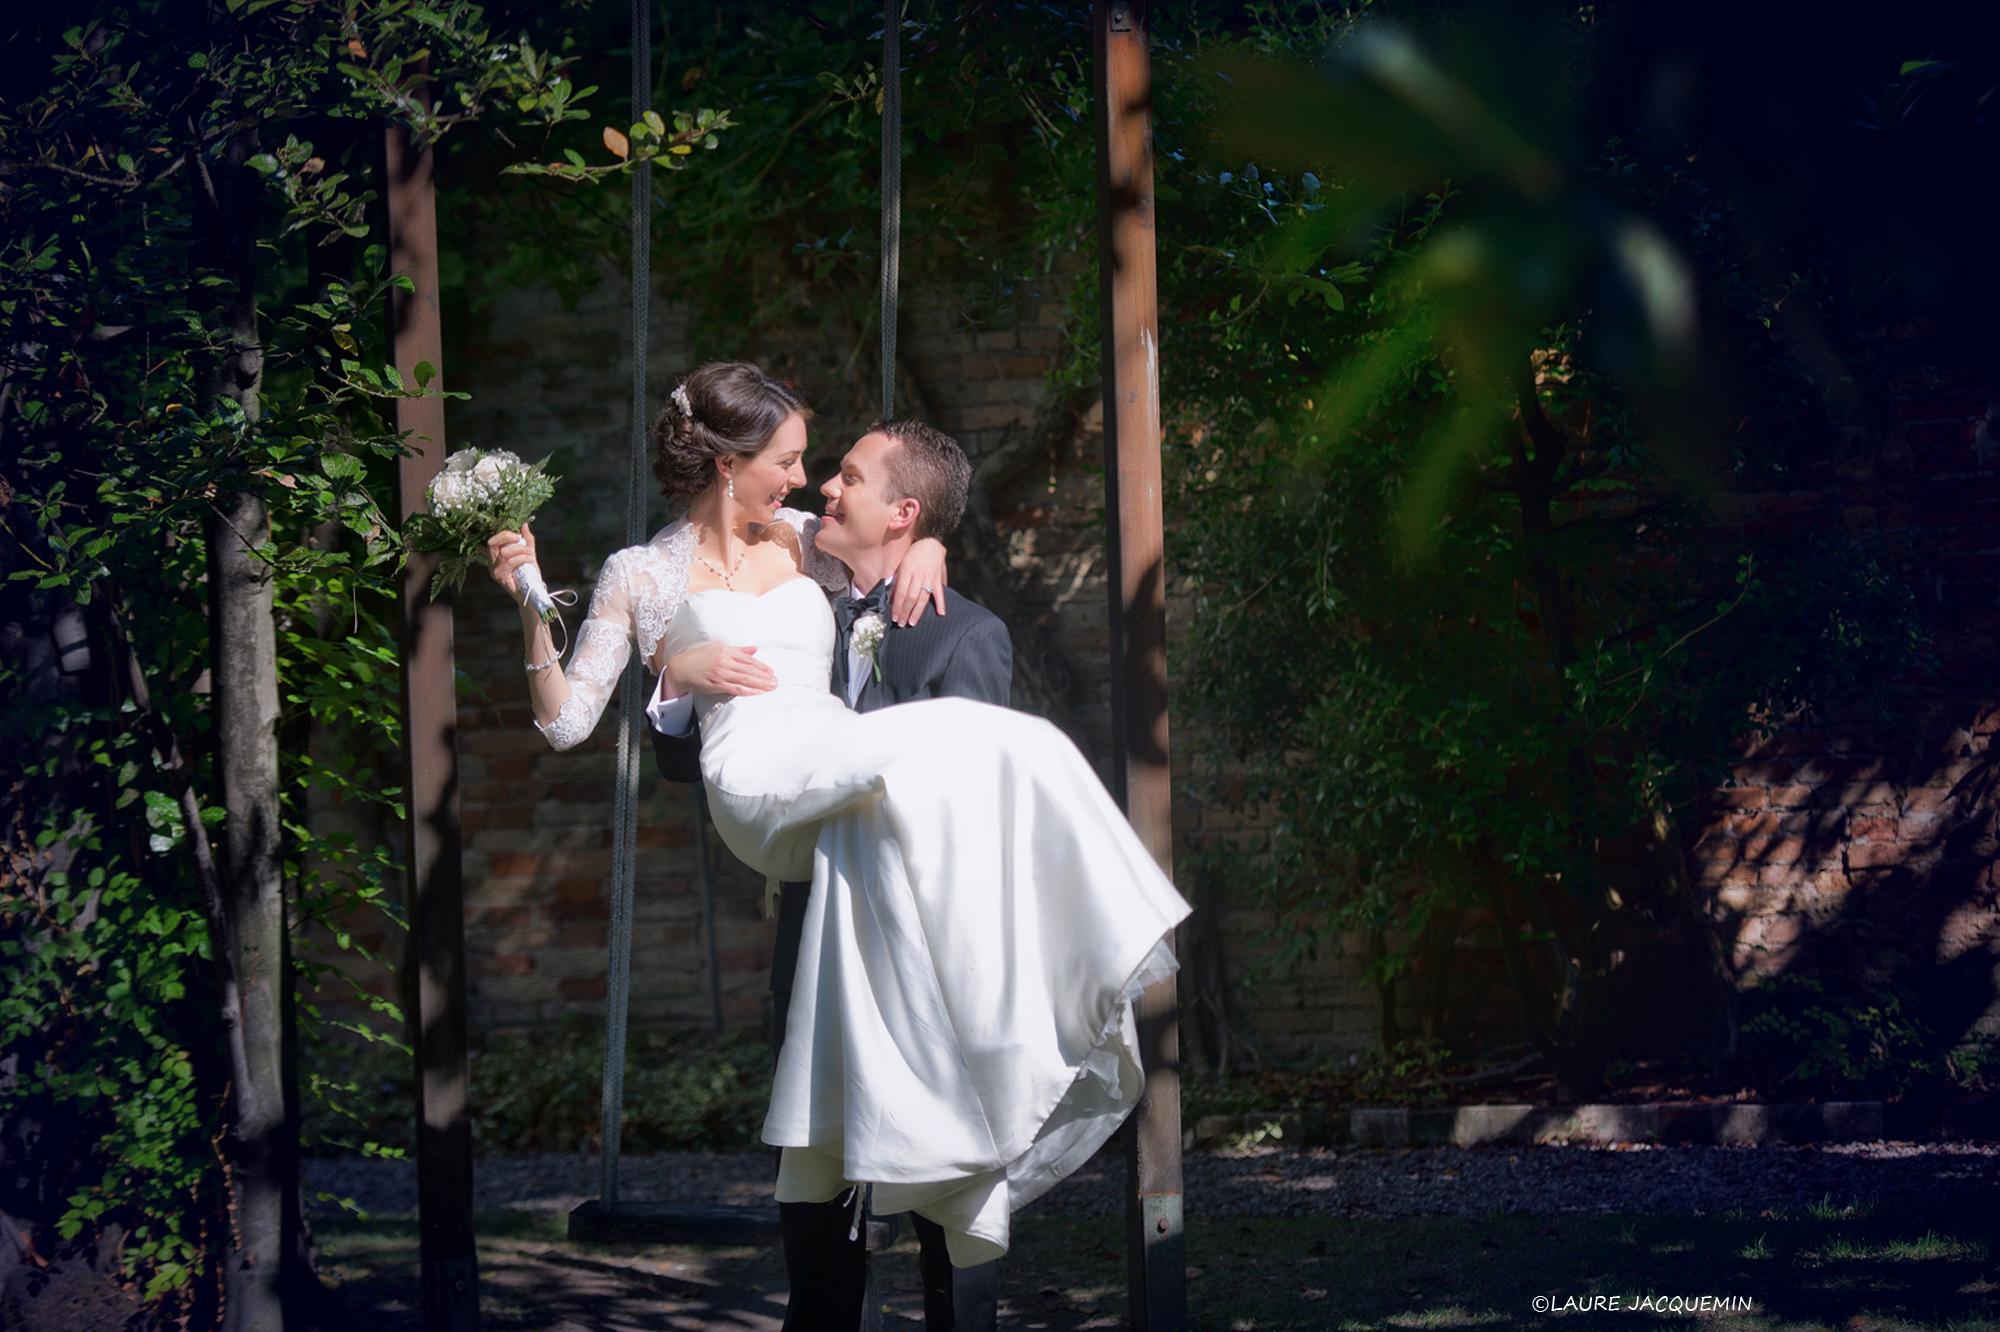 venise mariage photographe laure Jacquemin simbolique jardin venitien gondole (99)